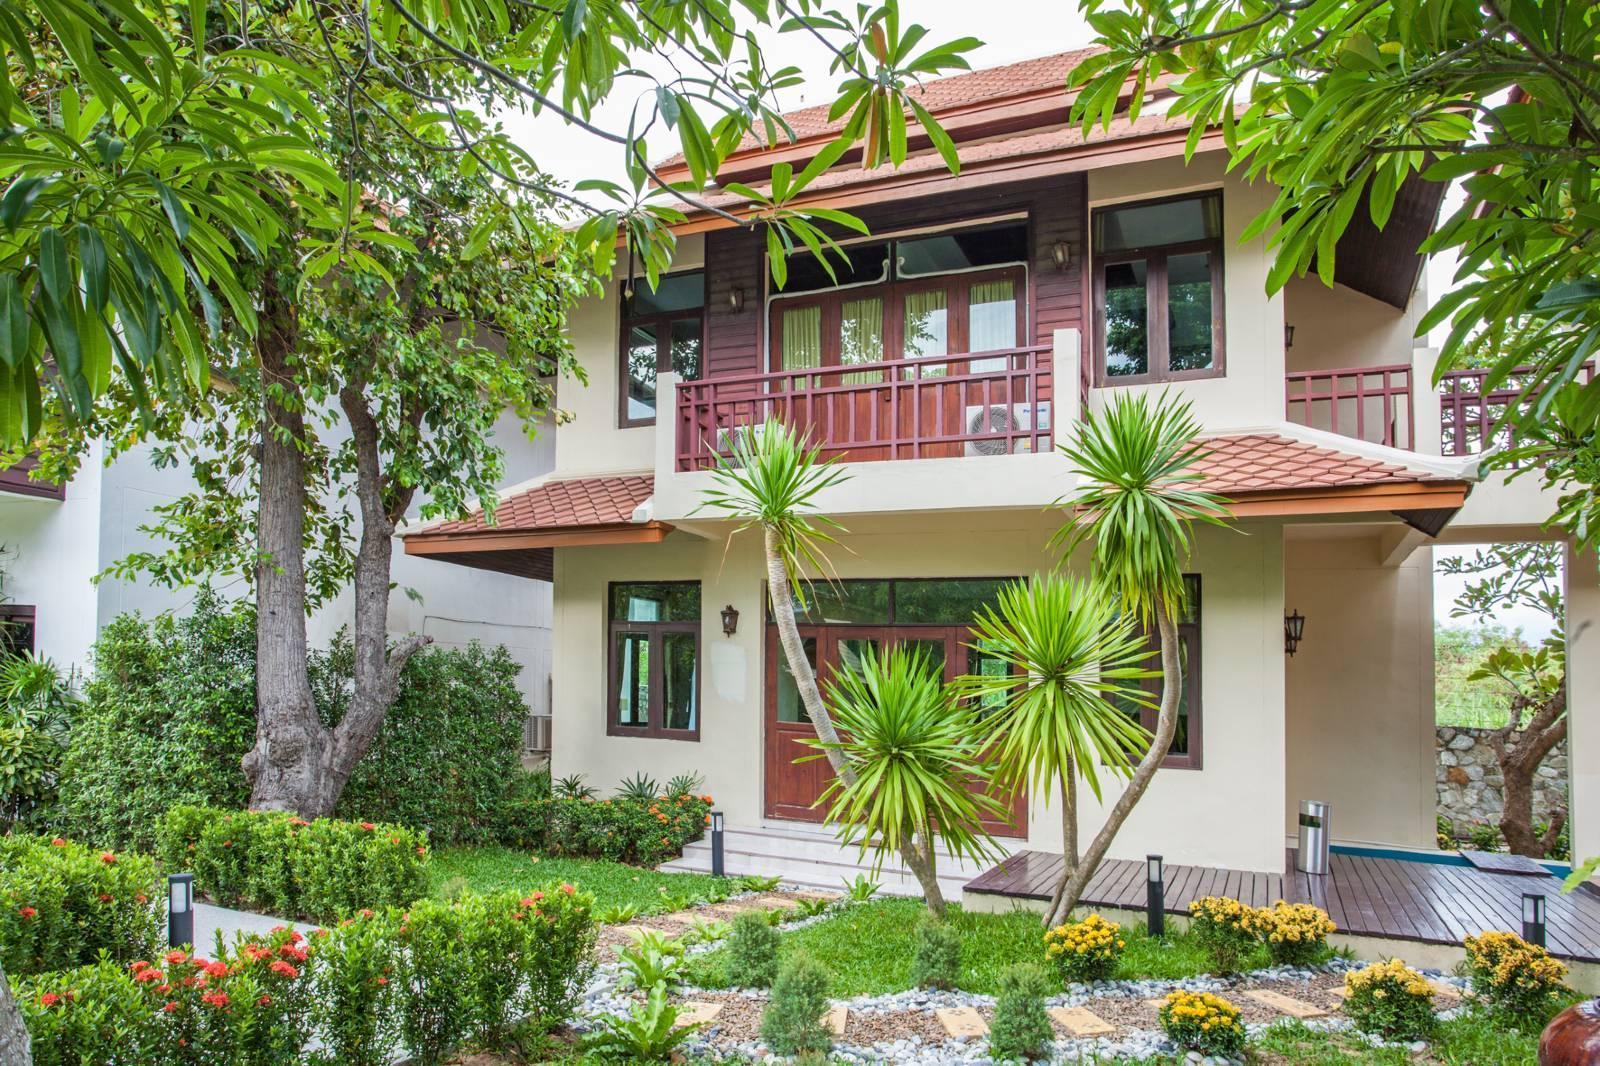 Achawalai Garden 2 Rooms 2 Bathroom Villa No.10